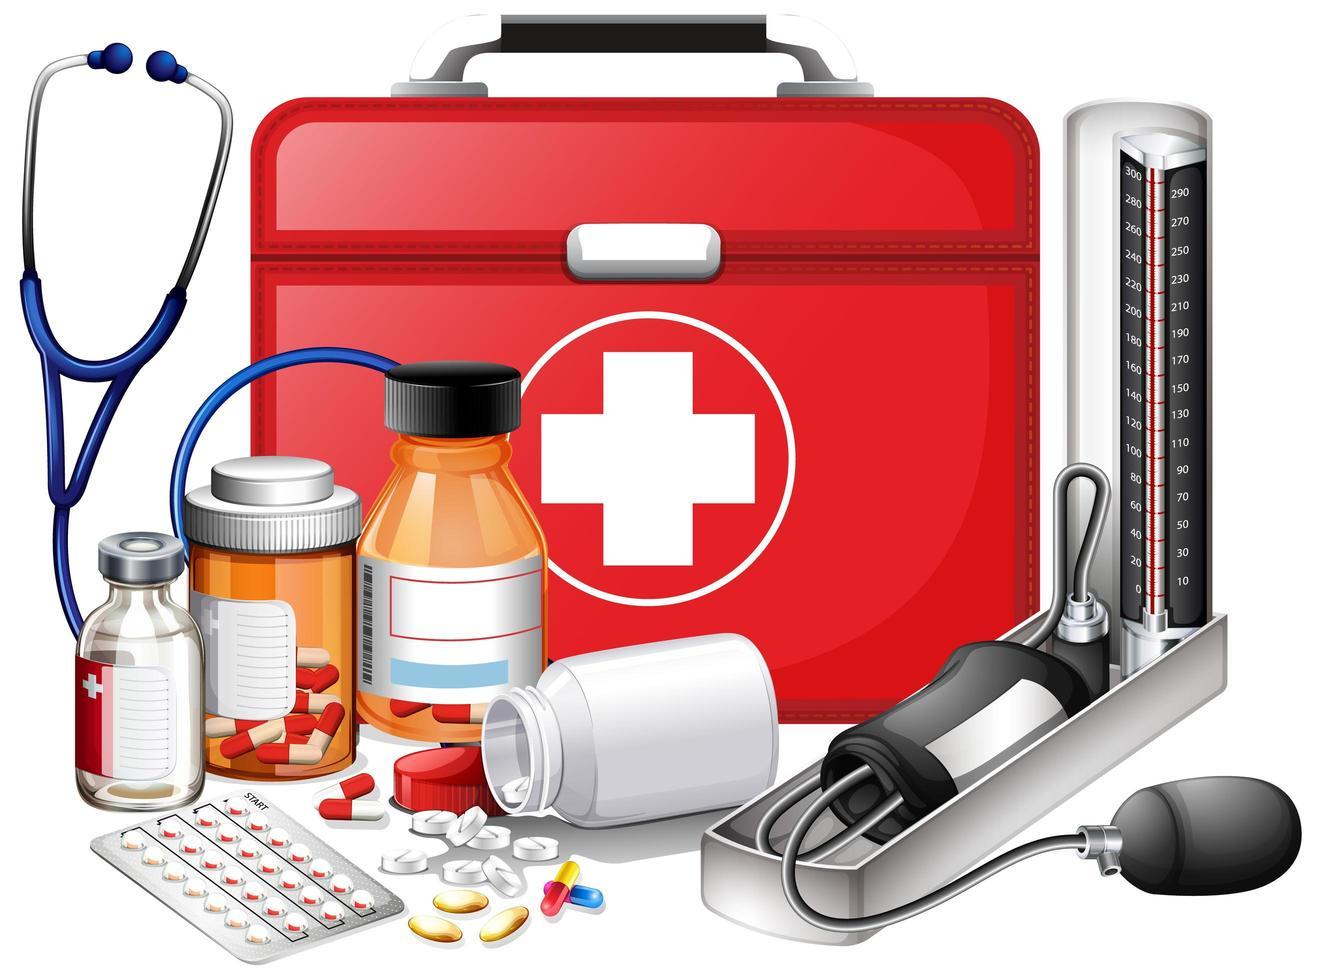 conjunto de equipos médicos con botiquín rojo vector